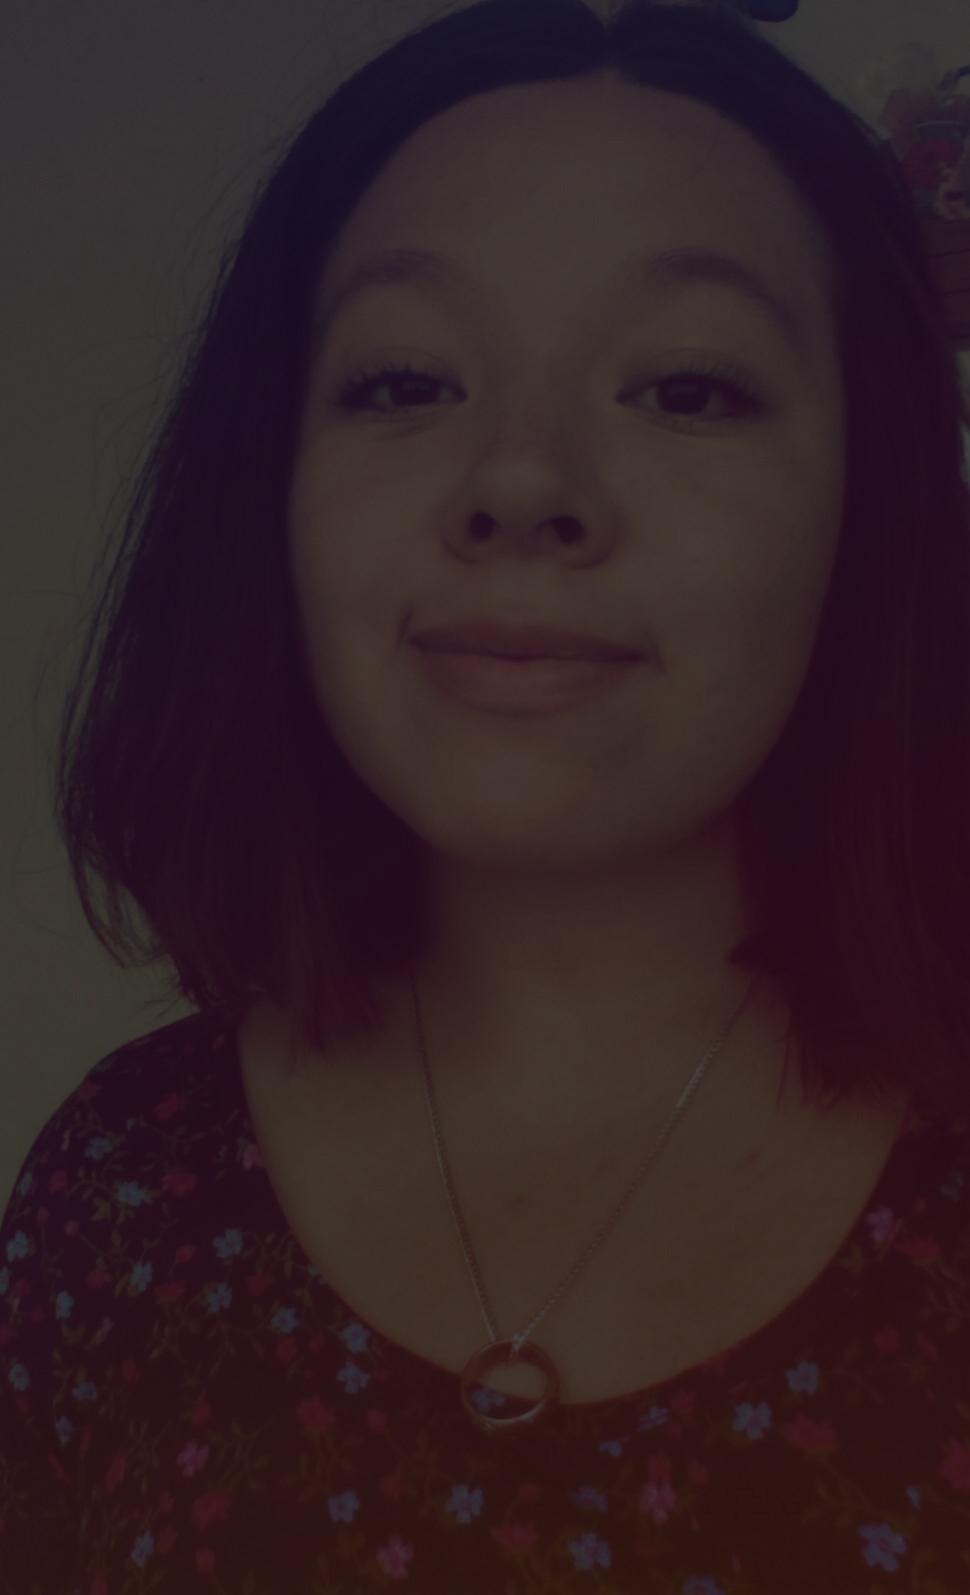 YUN NAVA - Mexicana. 23 años. Periodista. Atrapada y preocupada por el arte.